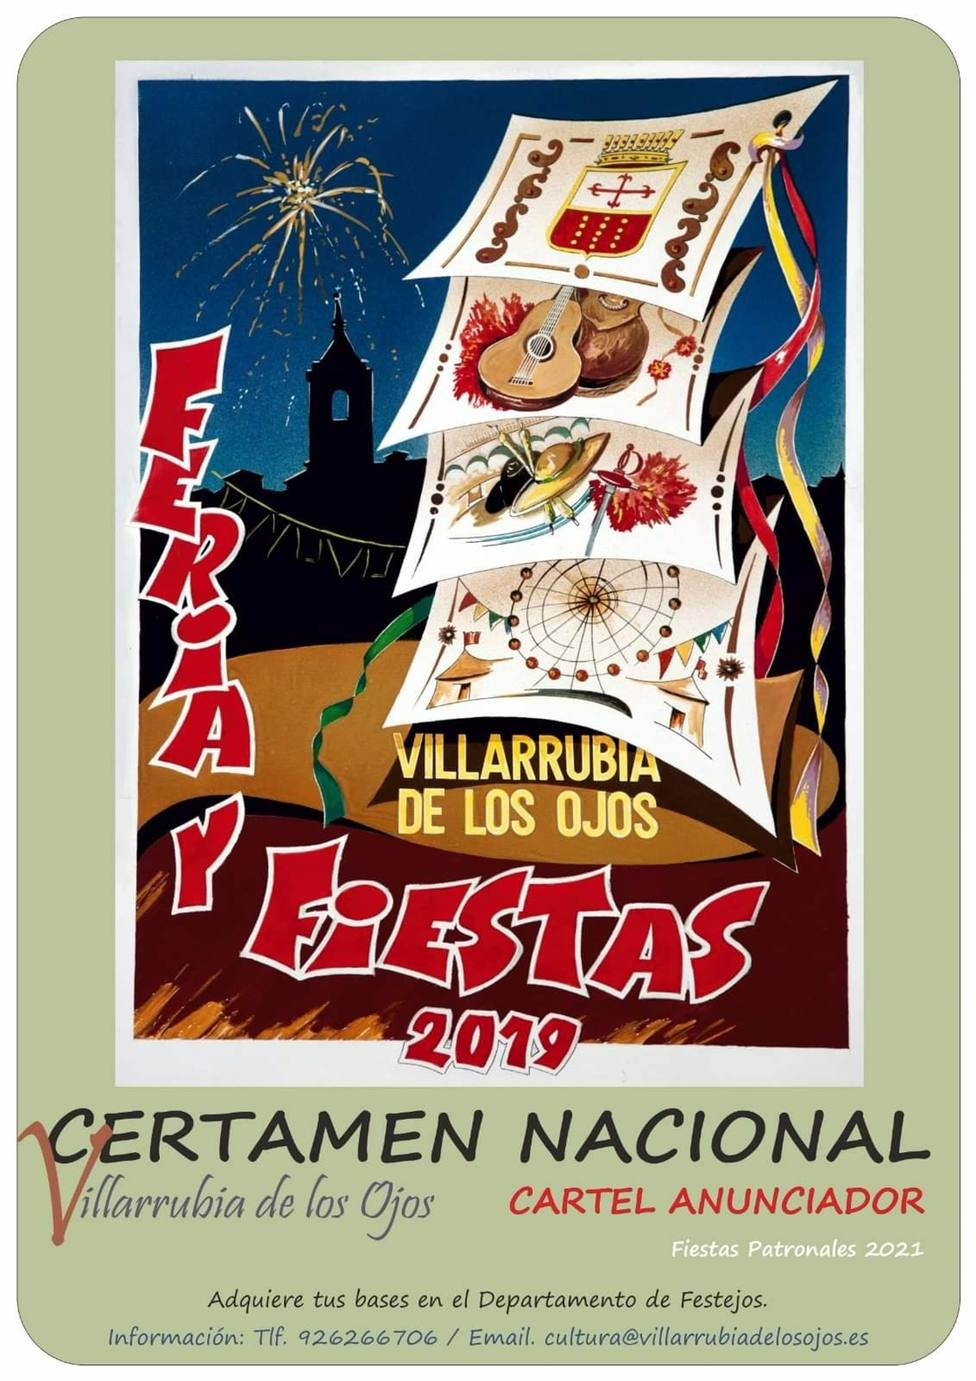 El concurso para elegir el cartel anunciador de las fiestas de Villarrubia de los Ojos incluye un premio de 400 euros